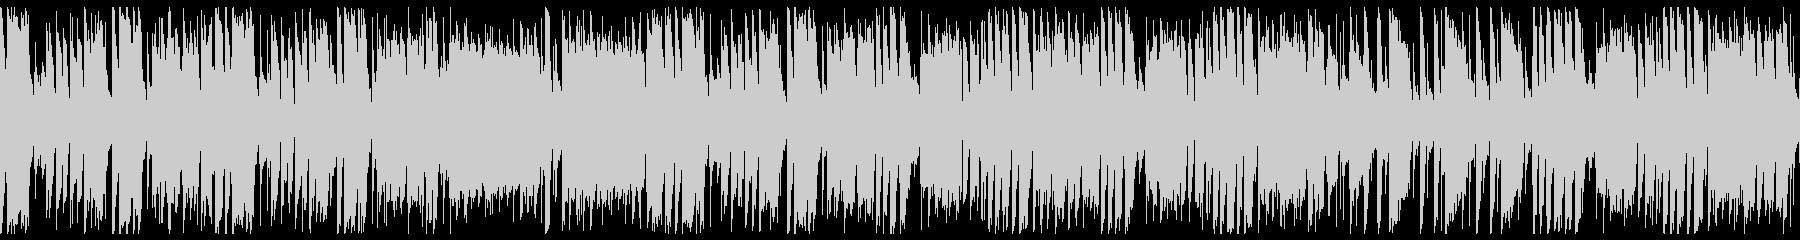 明るく速い 豪華ビッグバンド(ループの未再生の波形